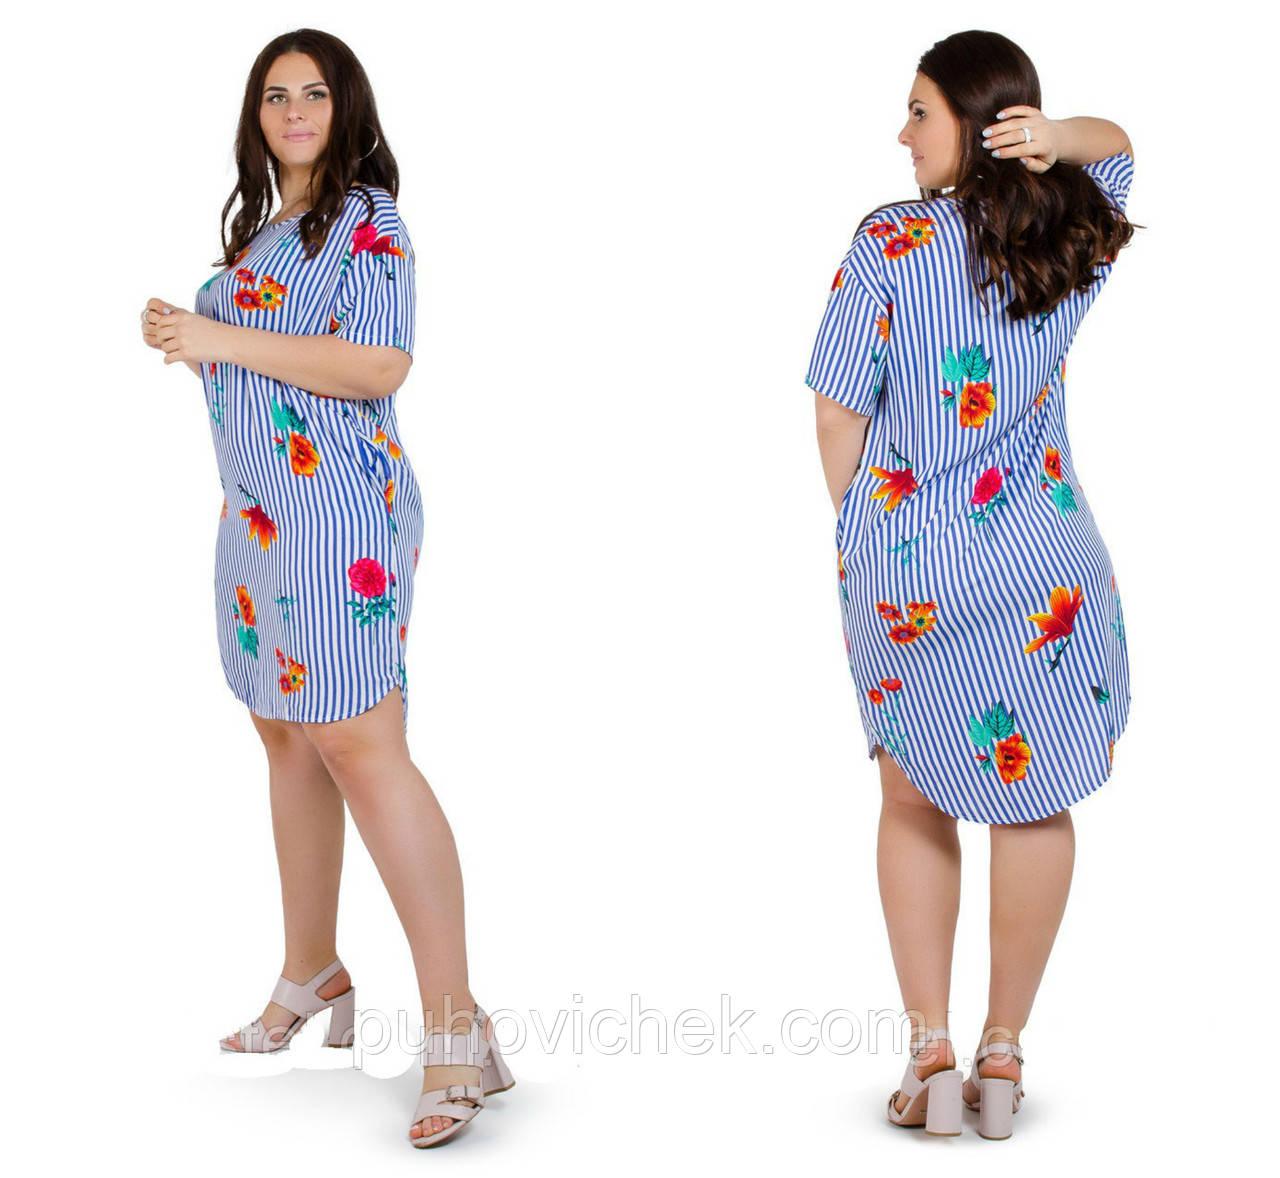 28a2f45f903 Стильная туника женская летняя интернет магазин - Интернет магазин Линия  одежды в Харькове